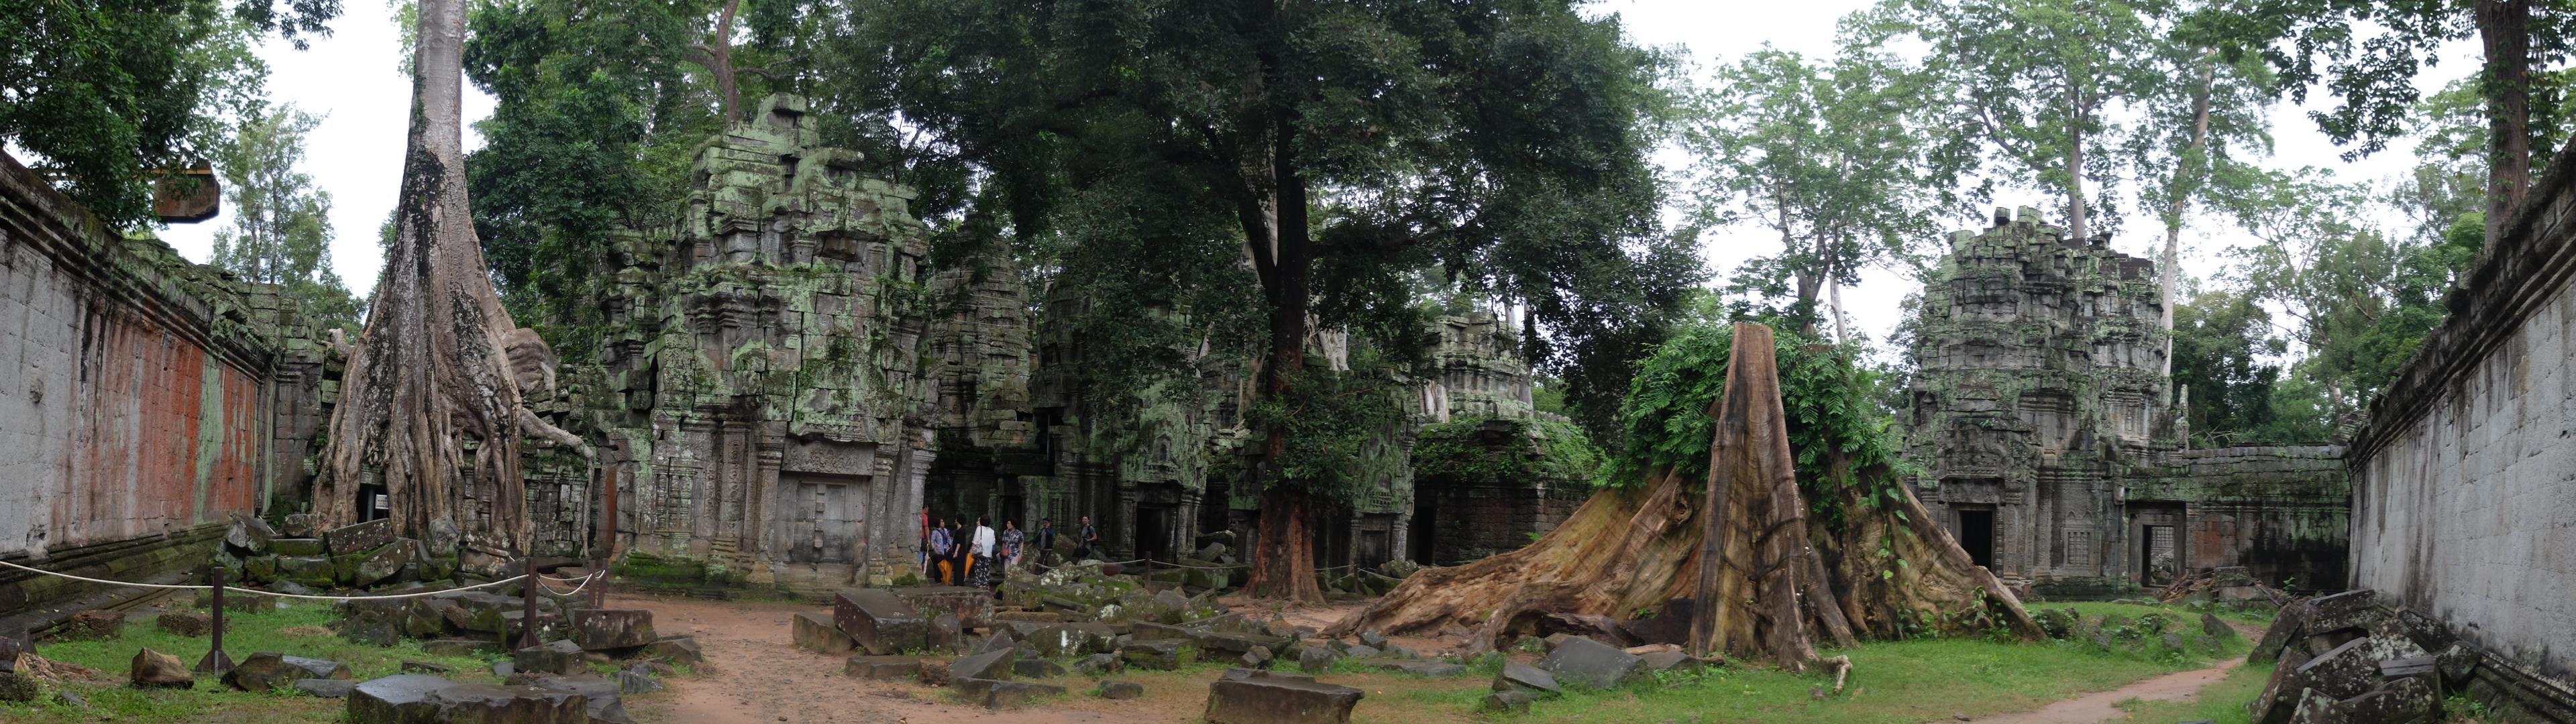 Templo en ruinas sumido en la jungla